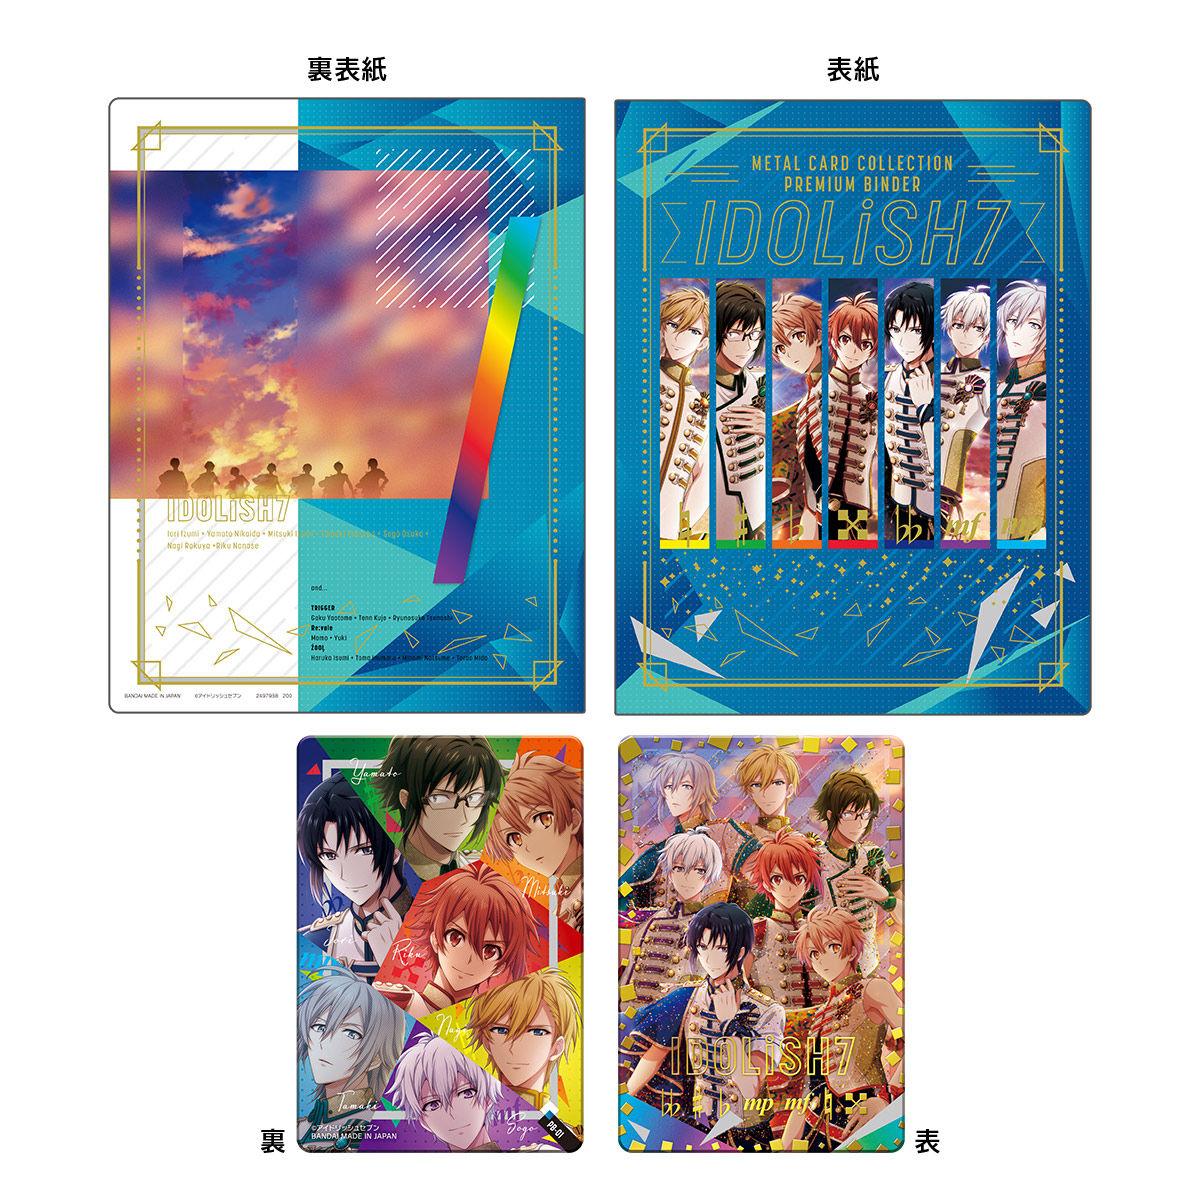 【限定販売】アイドリッシュセブン『メタルカードコレクション プレミアムバインダー(全4種)』グッズ-003